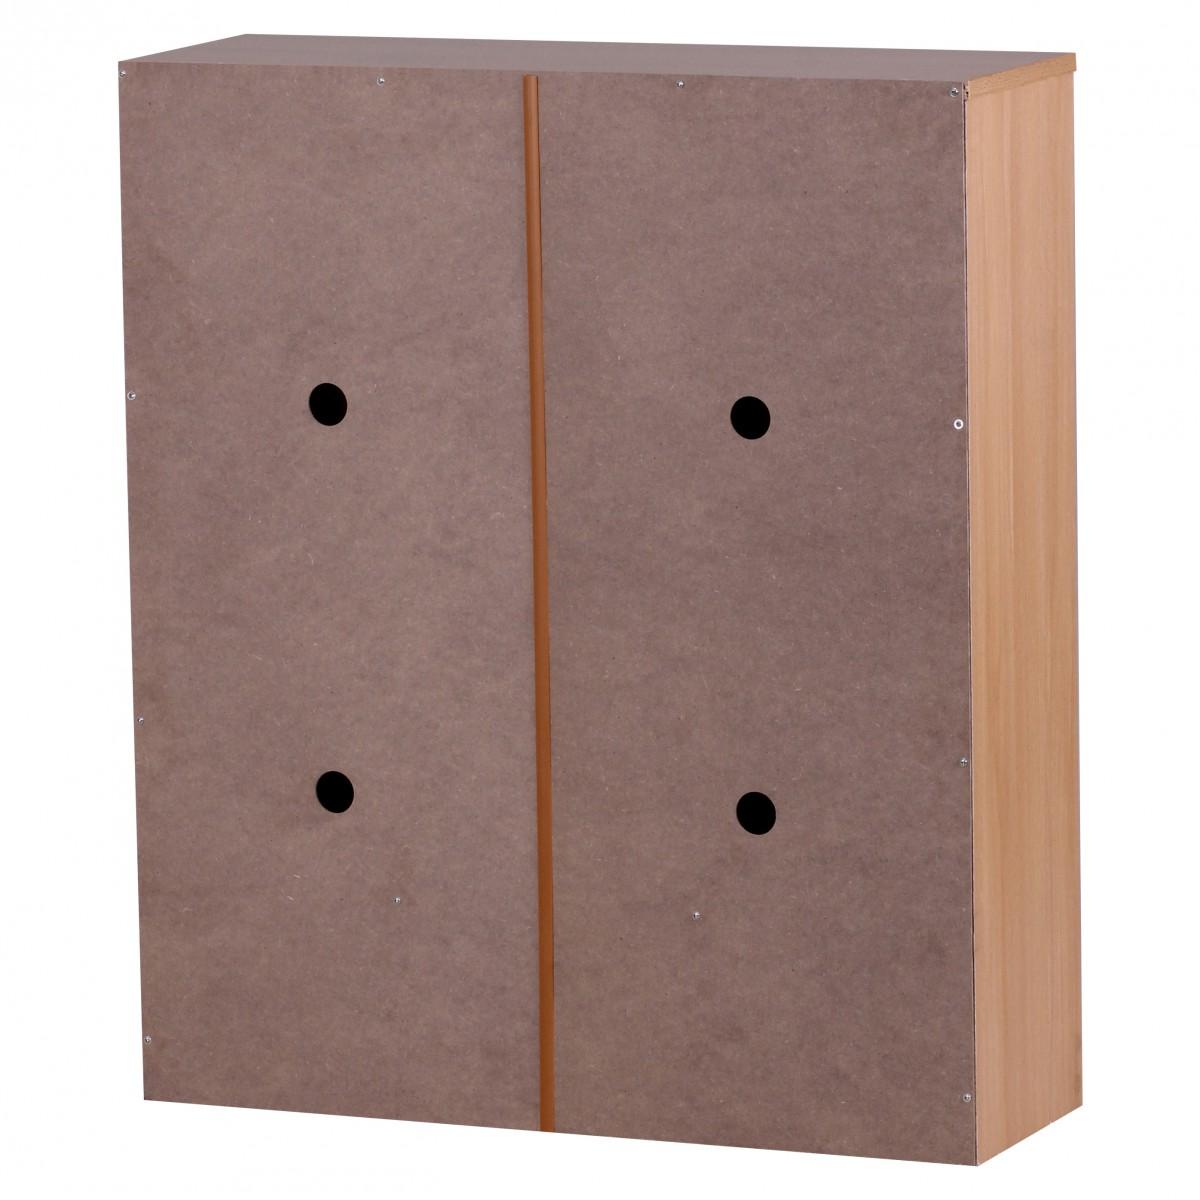 Botník s dvěma výklopnými zásuvkami Sarah, 87 cm, buk